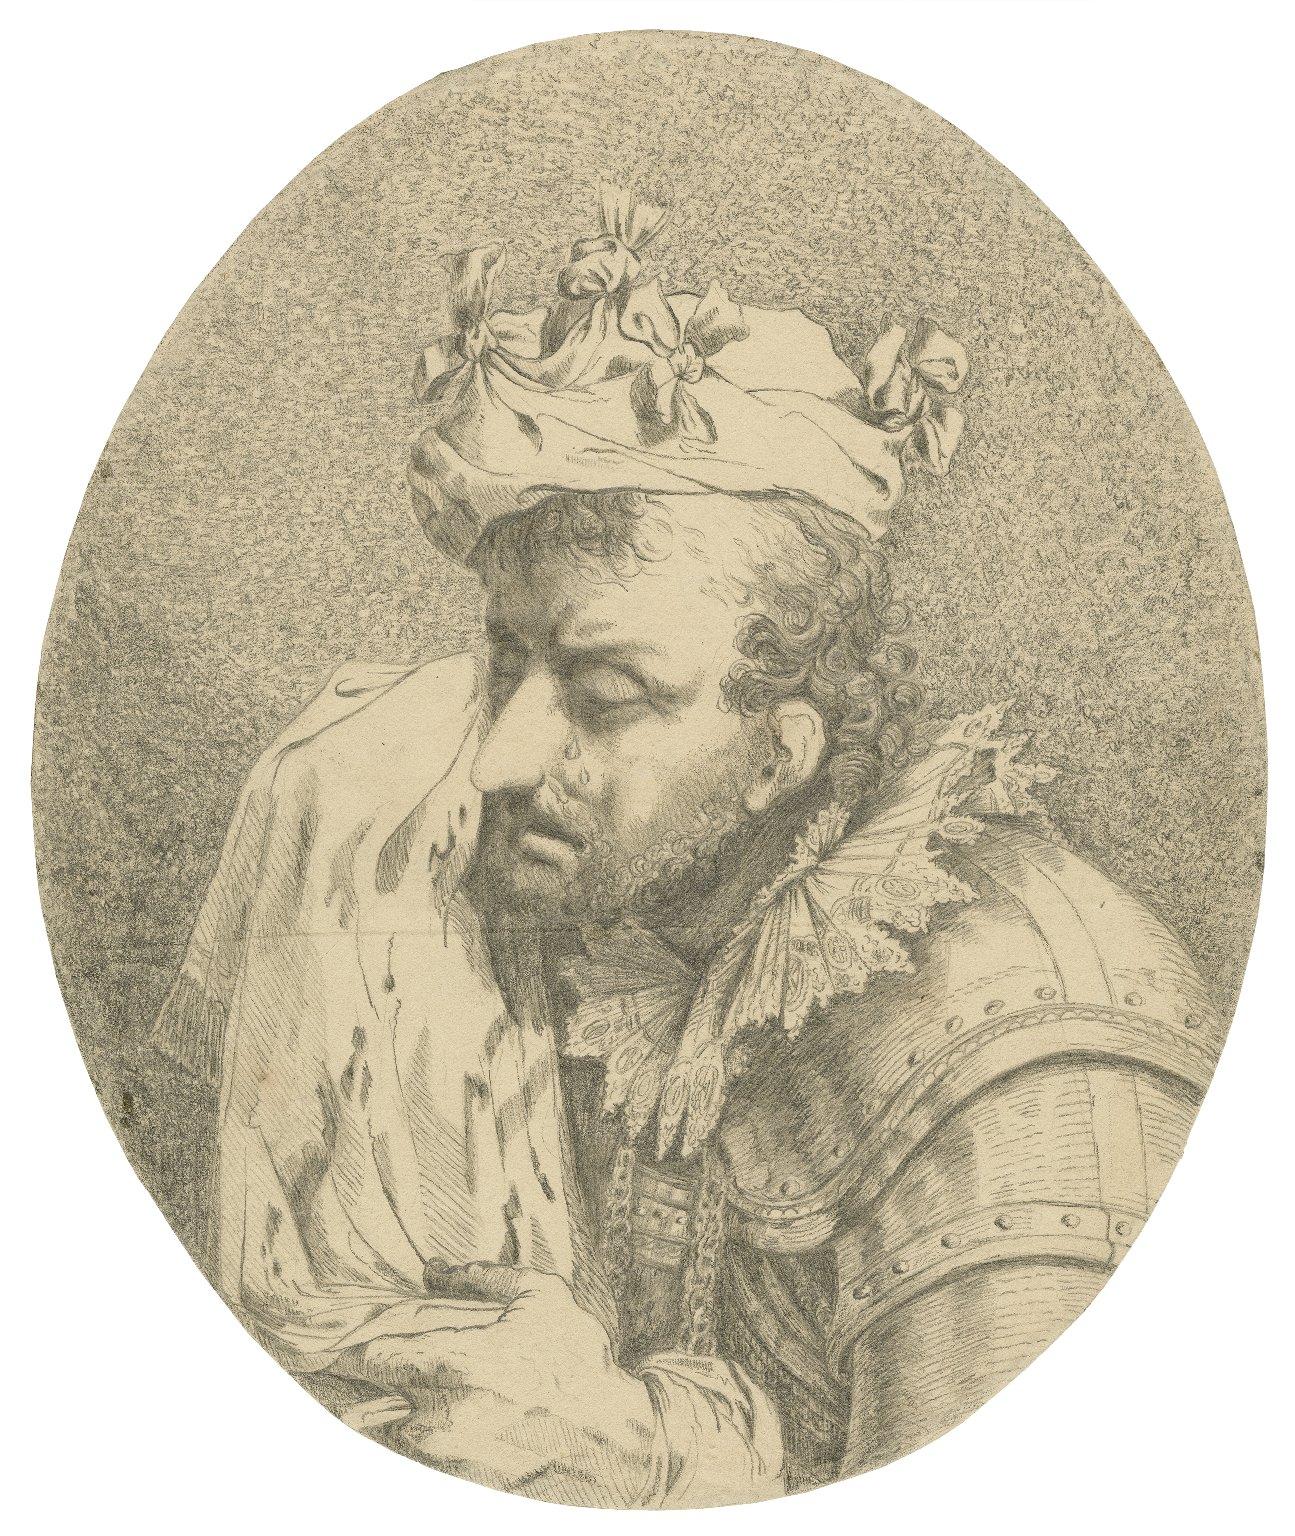 [King Henry VI, pt. 3, portrait of York] [graphic] / [John Hamilton Mortimer].